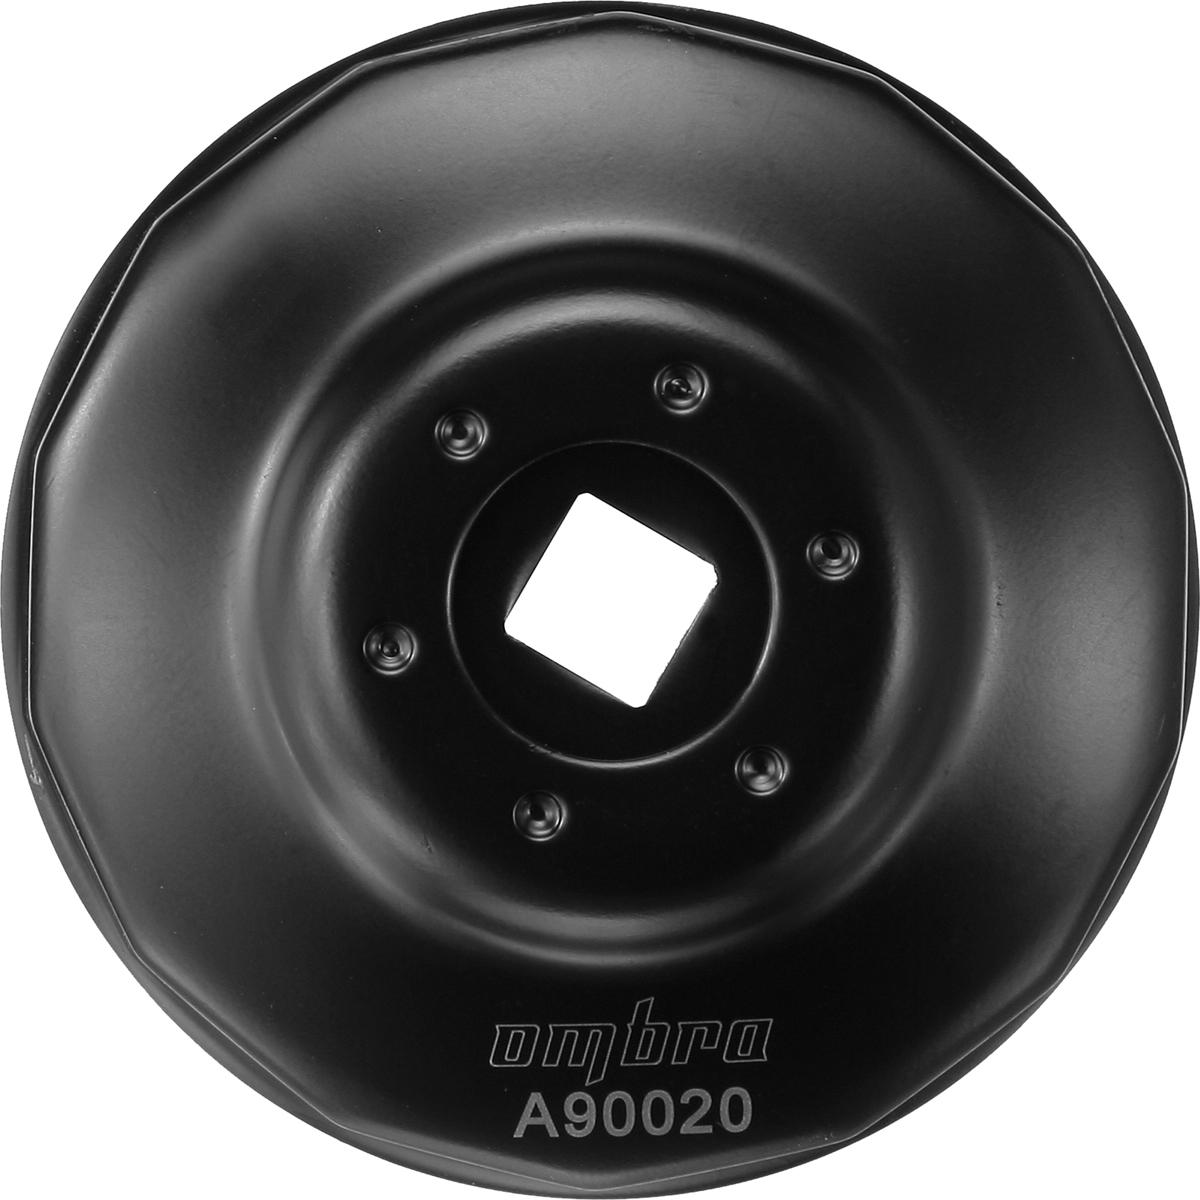 Съемник масляных фильтров Ombra чашка 14-граней, диаметр 68 мм